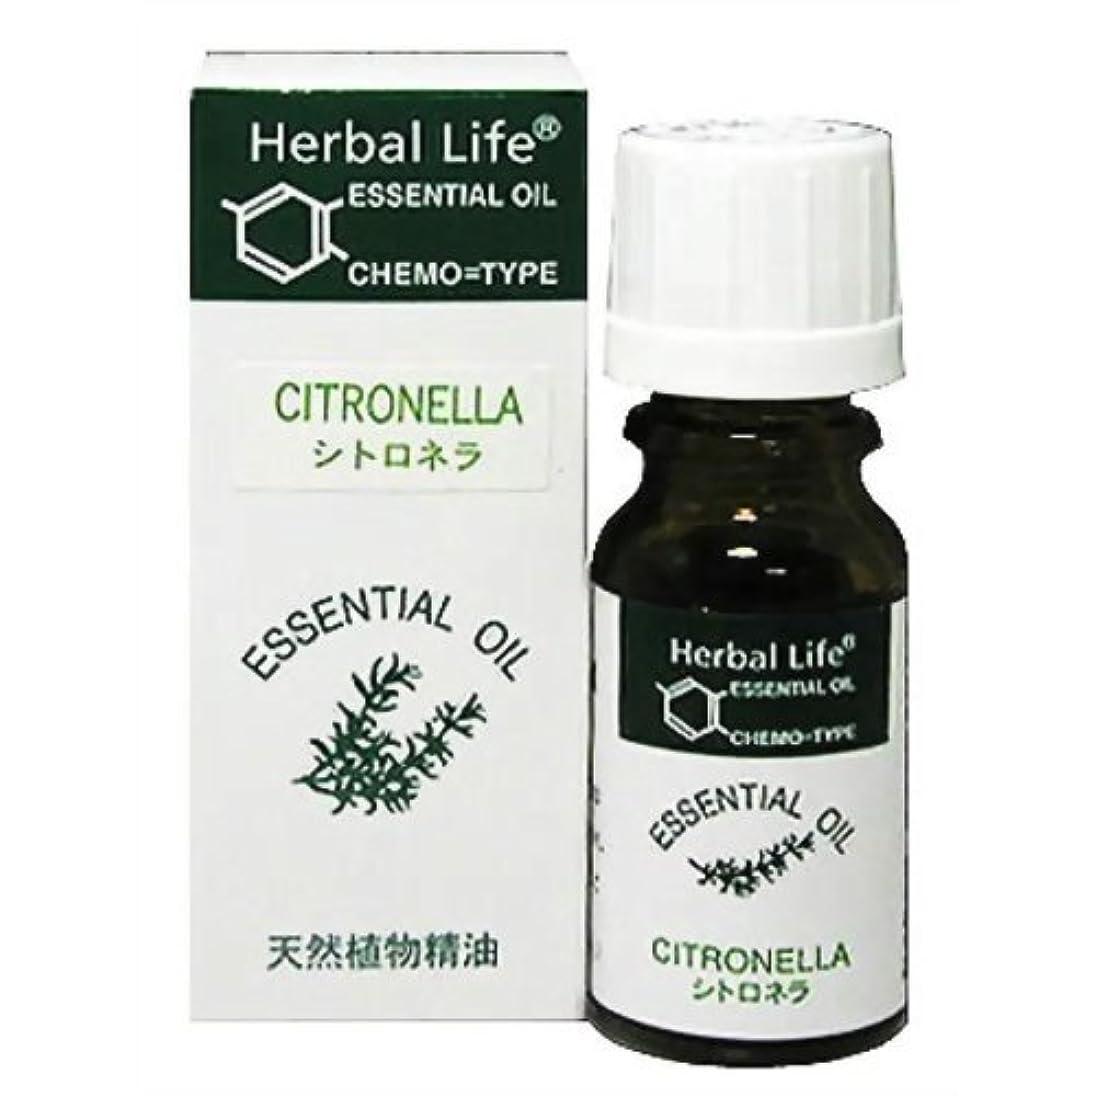 来てモーテル郊外Herbal Life シトロネラ 10ml